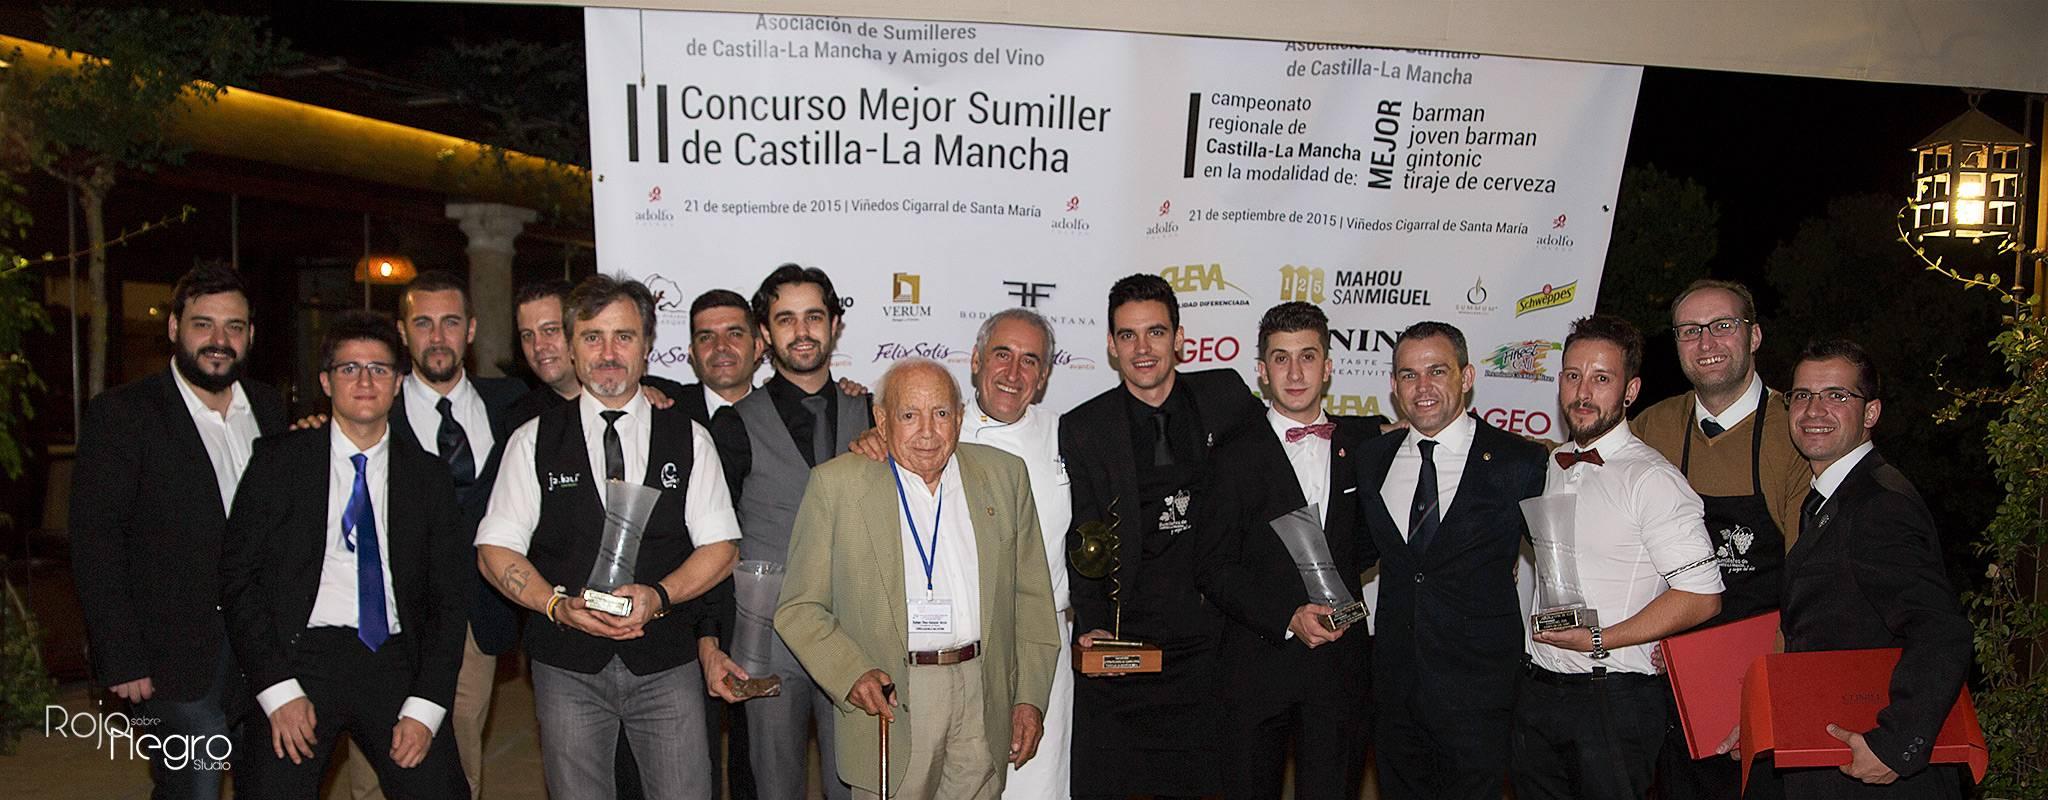 concurso fotos mejor sumiller clm 1 - Ángel Luis Privado de Jabalí Gastro, mejor Tiraje de Cerveza de Castilla-La Mancha